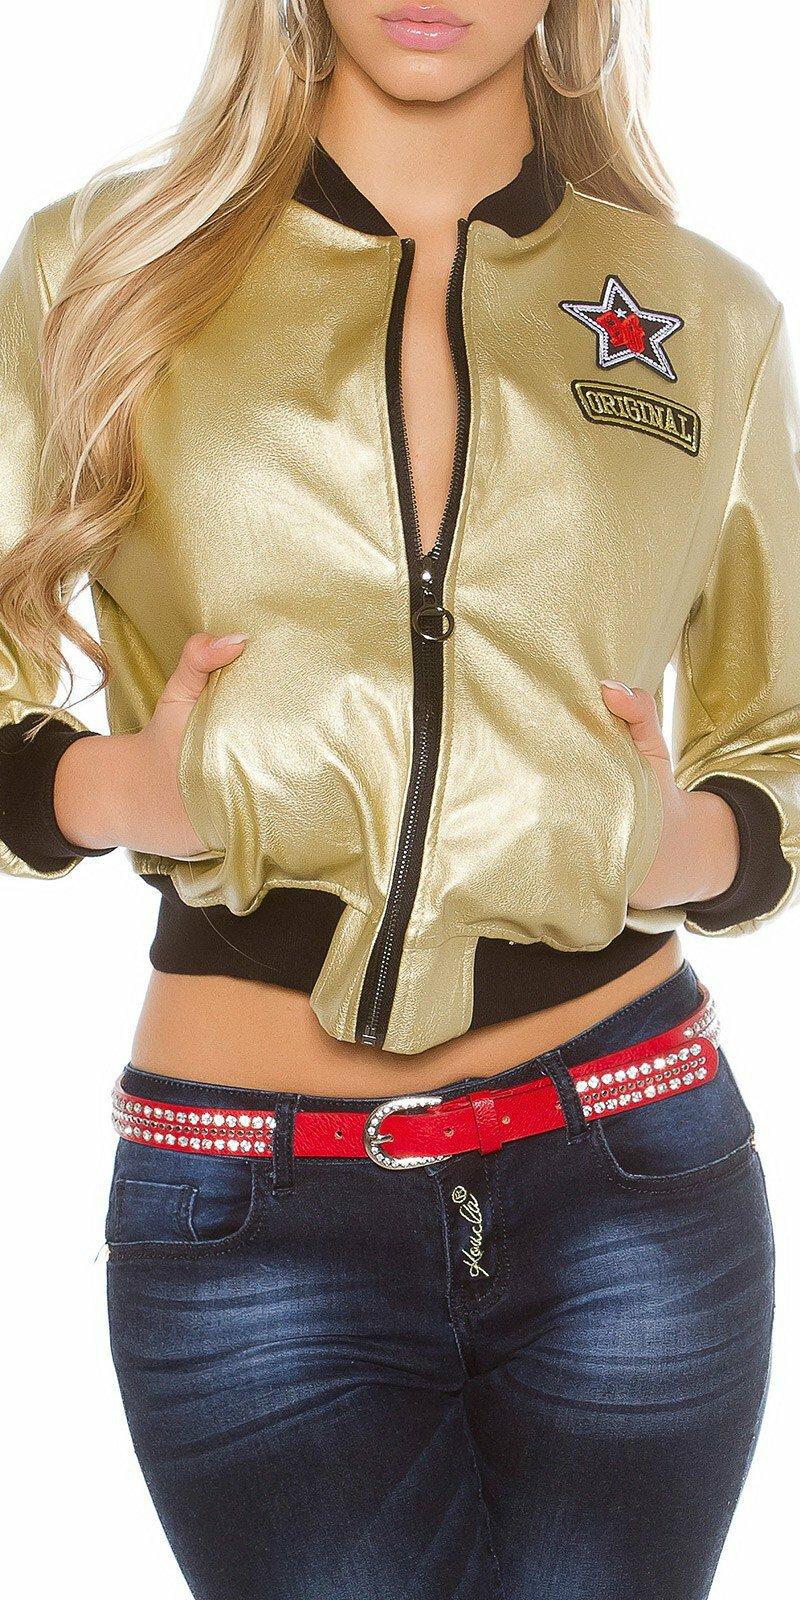 Dámska štýlová bunda #Veľkosť L Farba Zlatá Zľava 40%